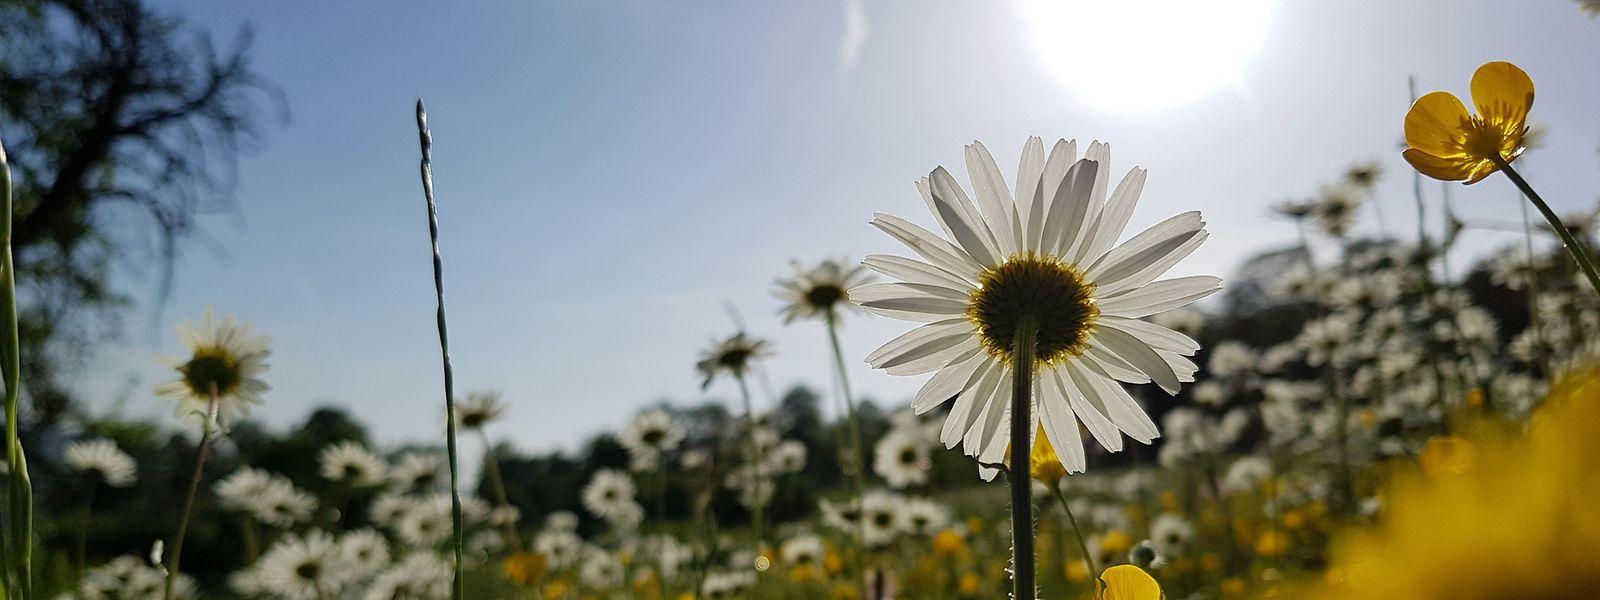 Echte Blumenwiesen sind ein Paradies für Insekten.